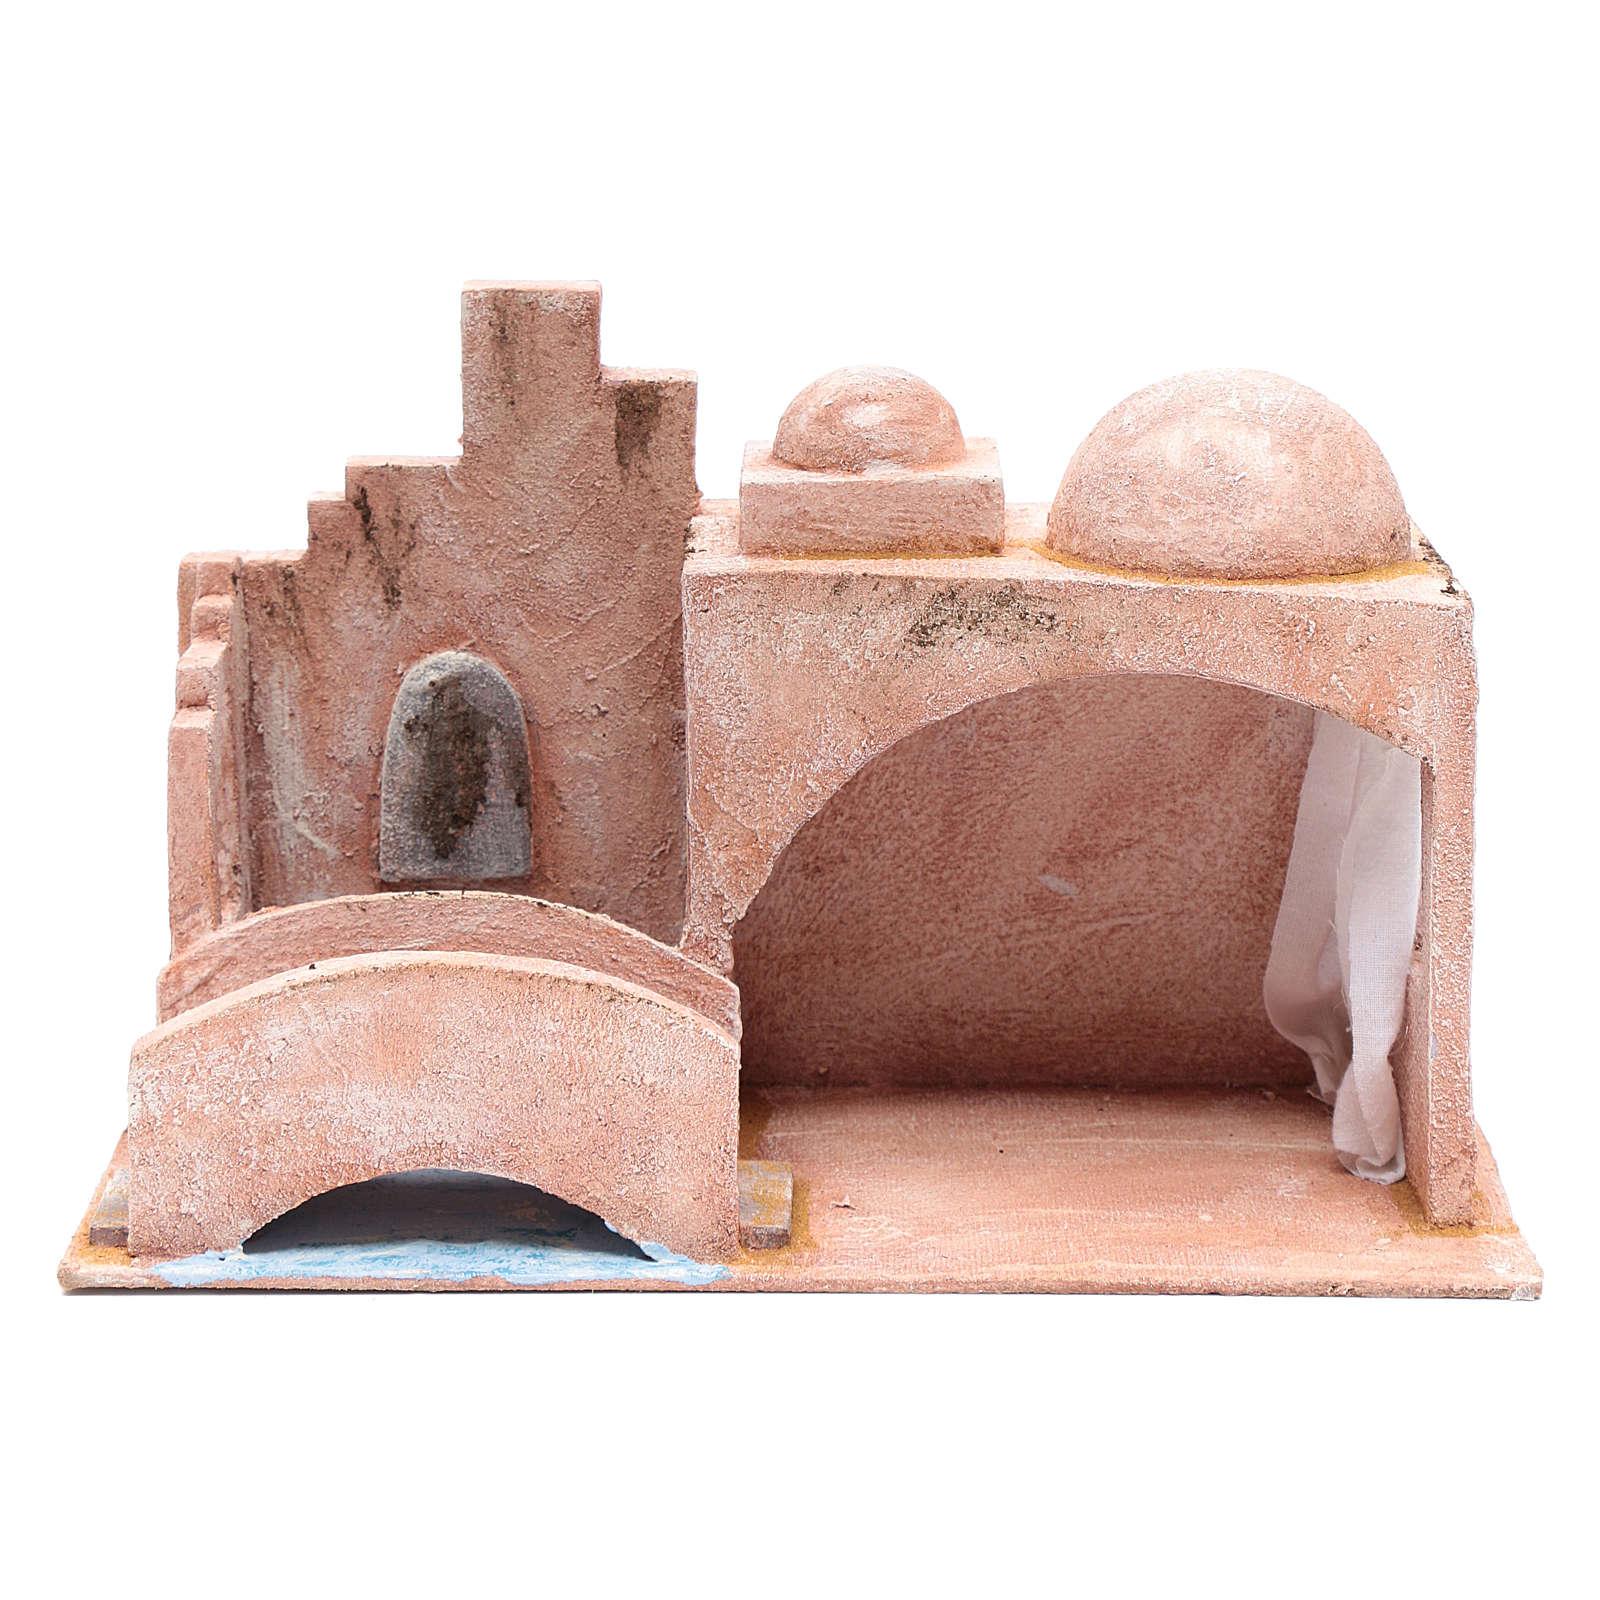 Cabaña de estilo árabe con estanque 20x35x20 cm 4